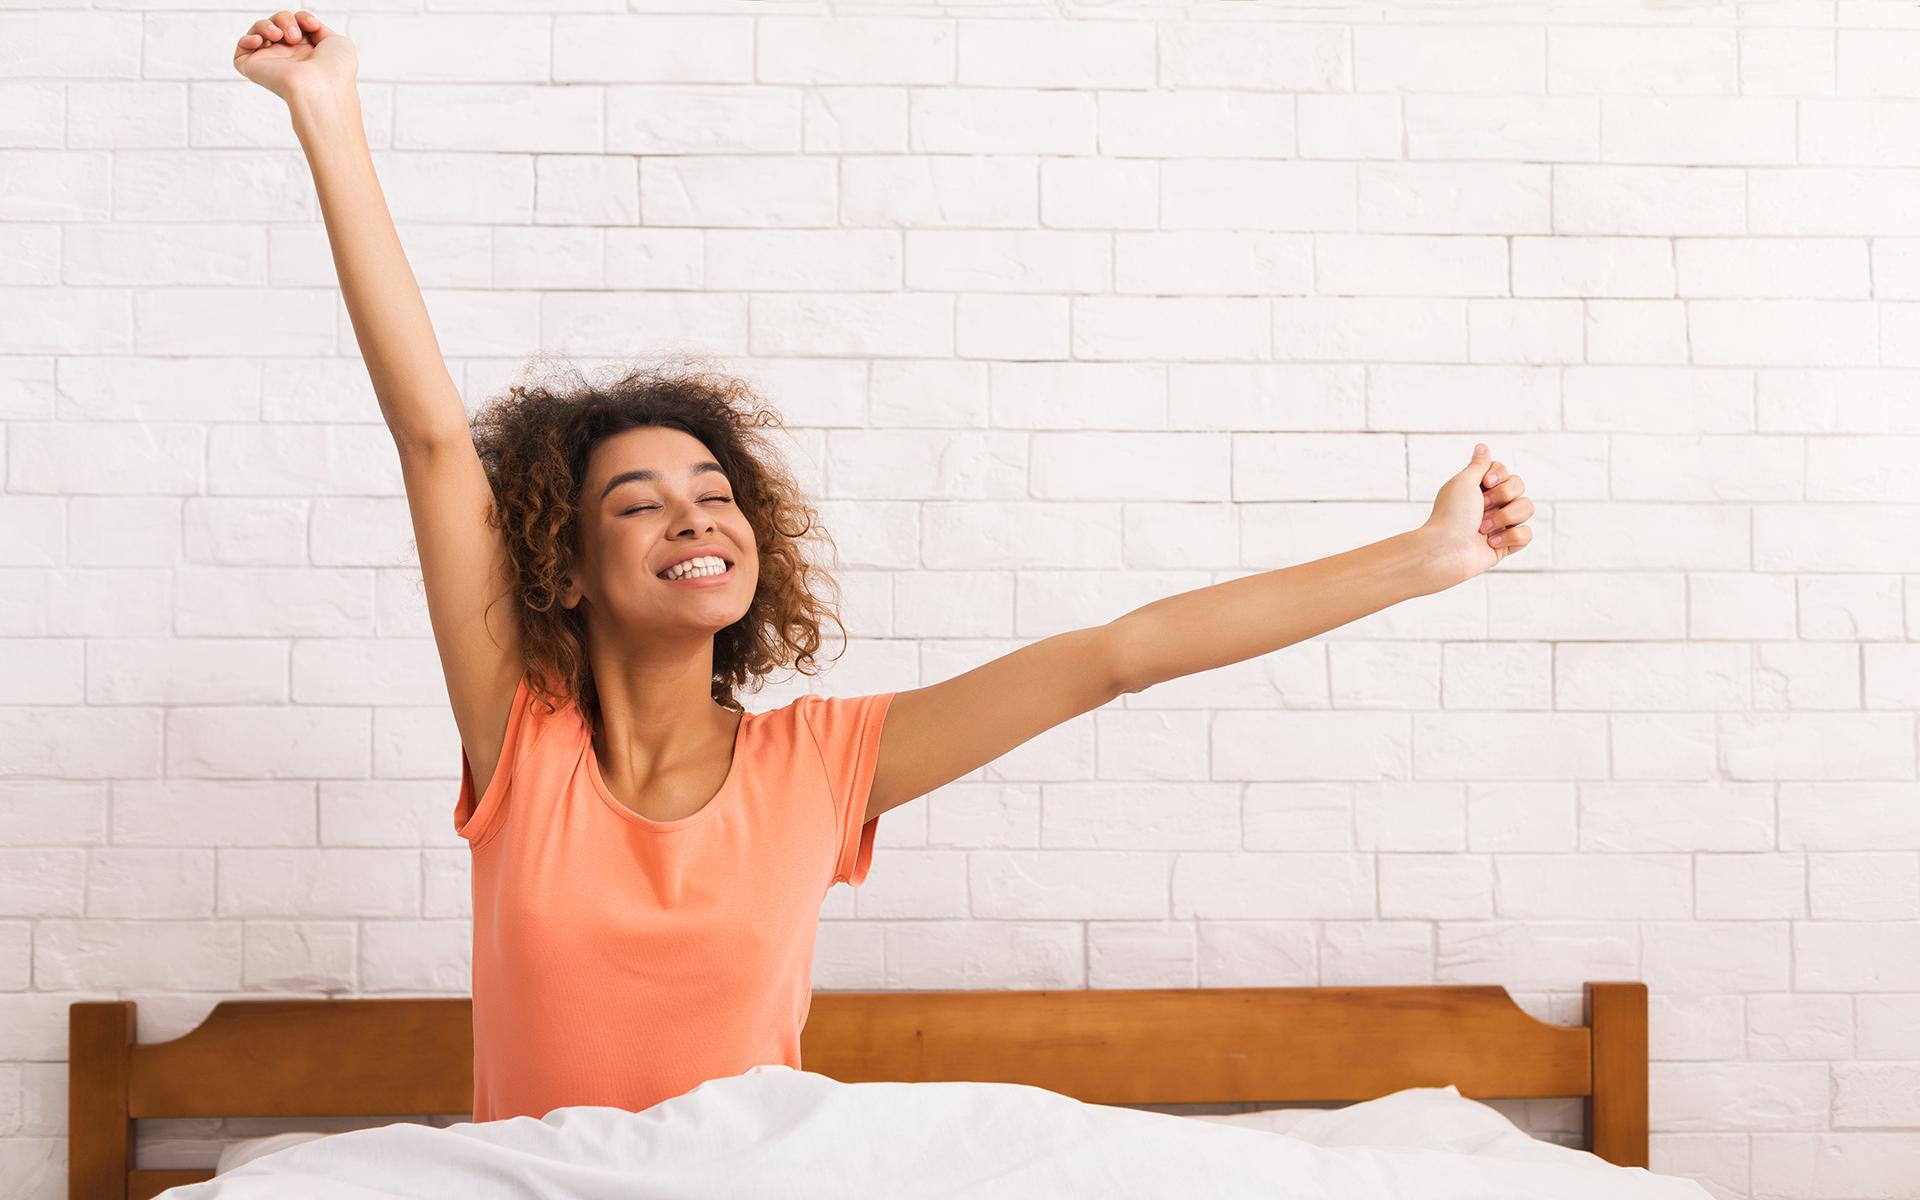 Muốn có một giấc ngủ ngon hơn? Tránh tập luyện cường độ cao ít hơn 2 giờ trước khi đi ngủ